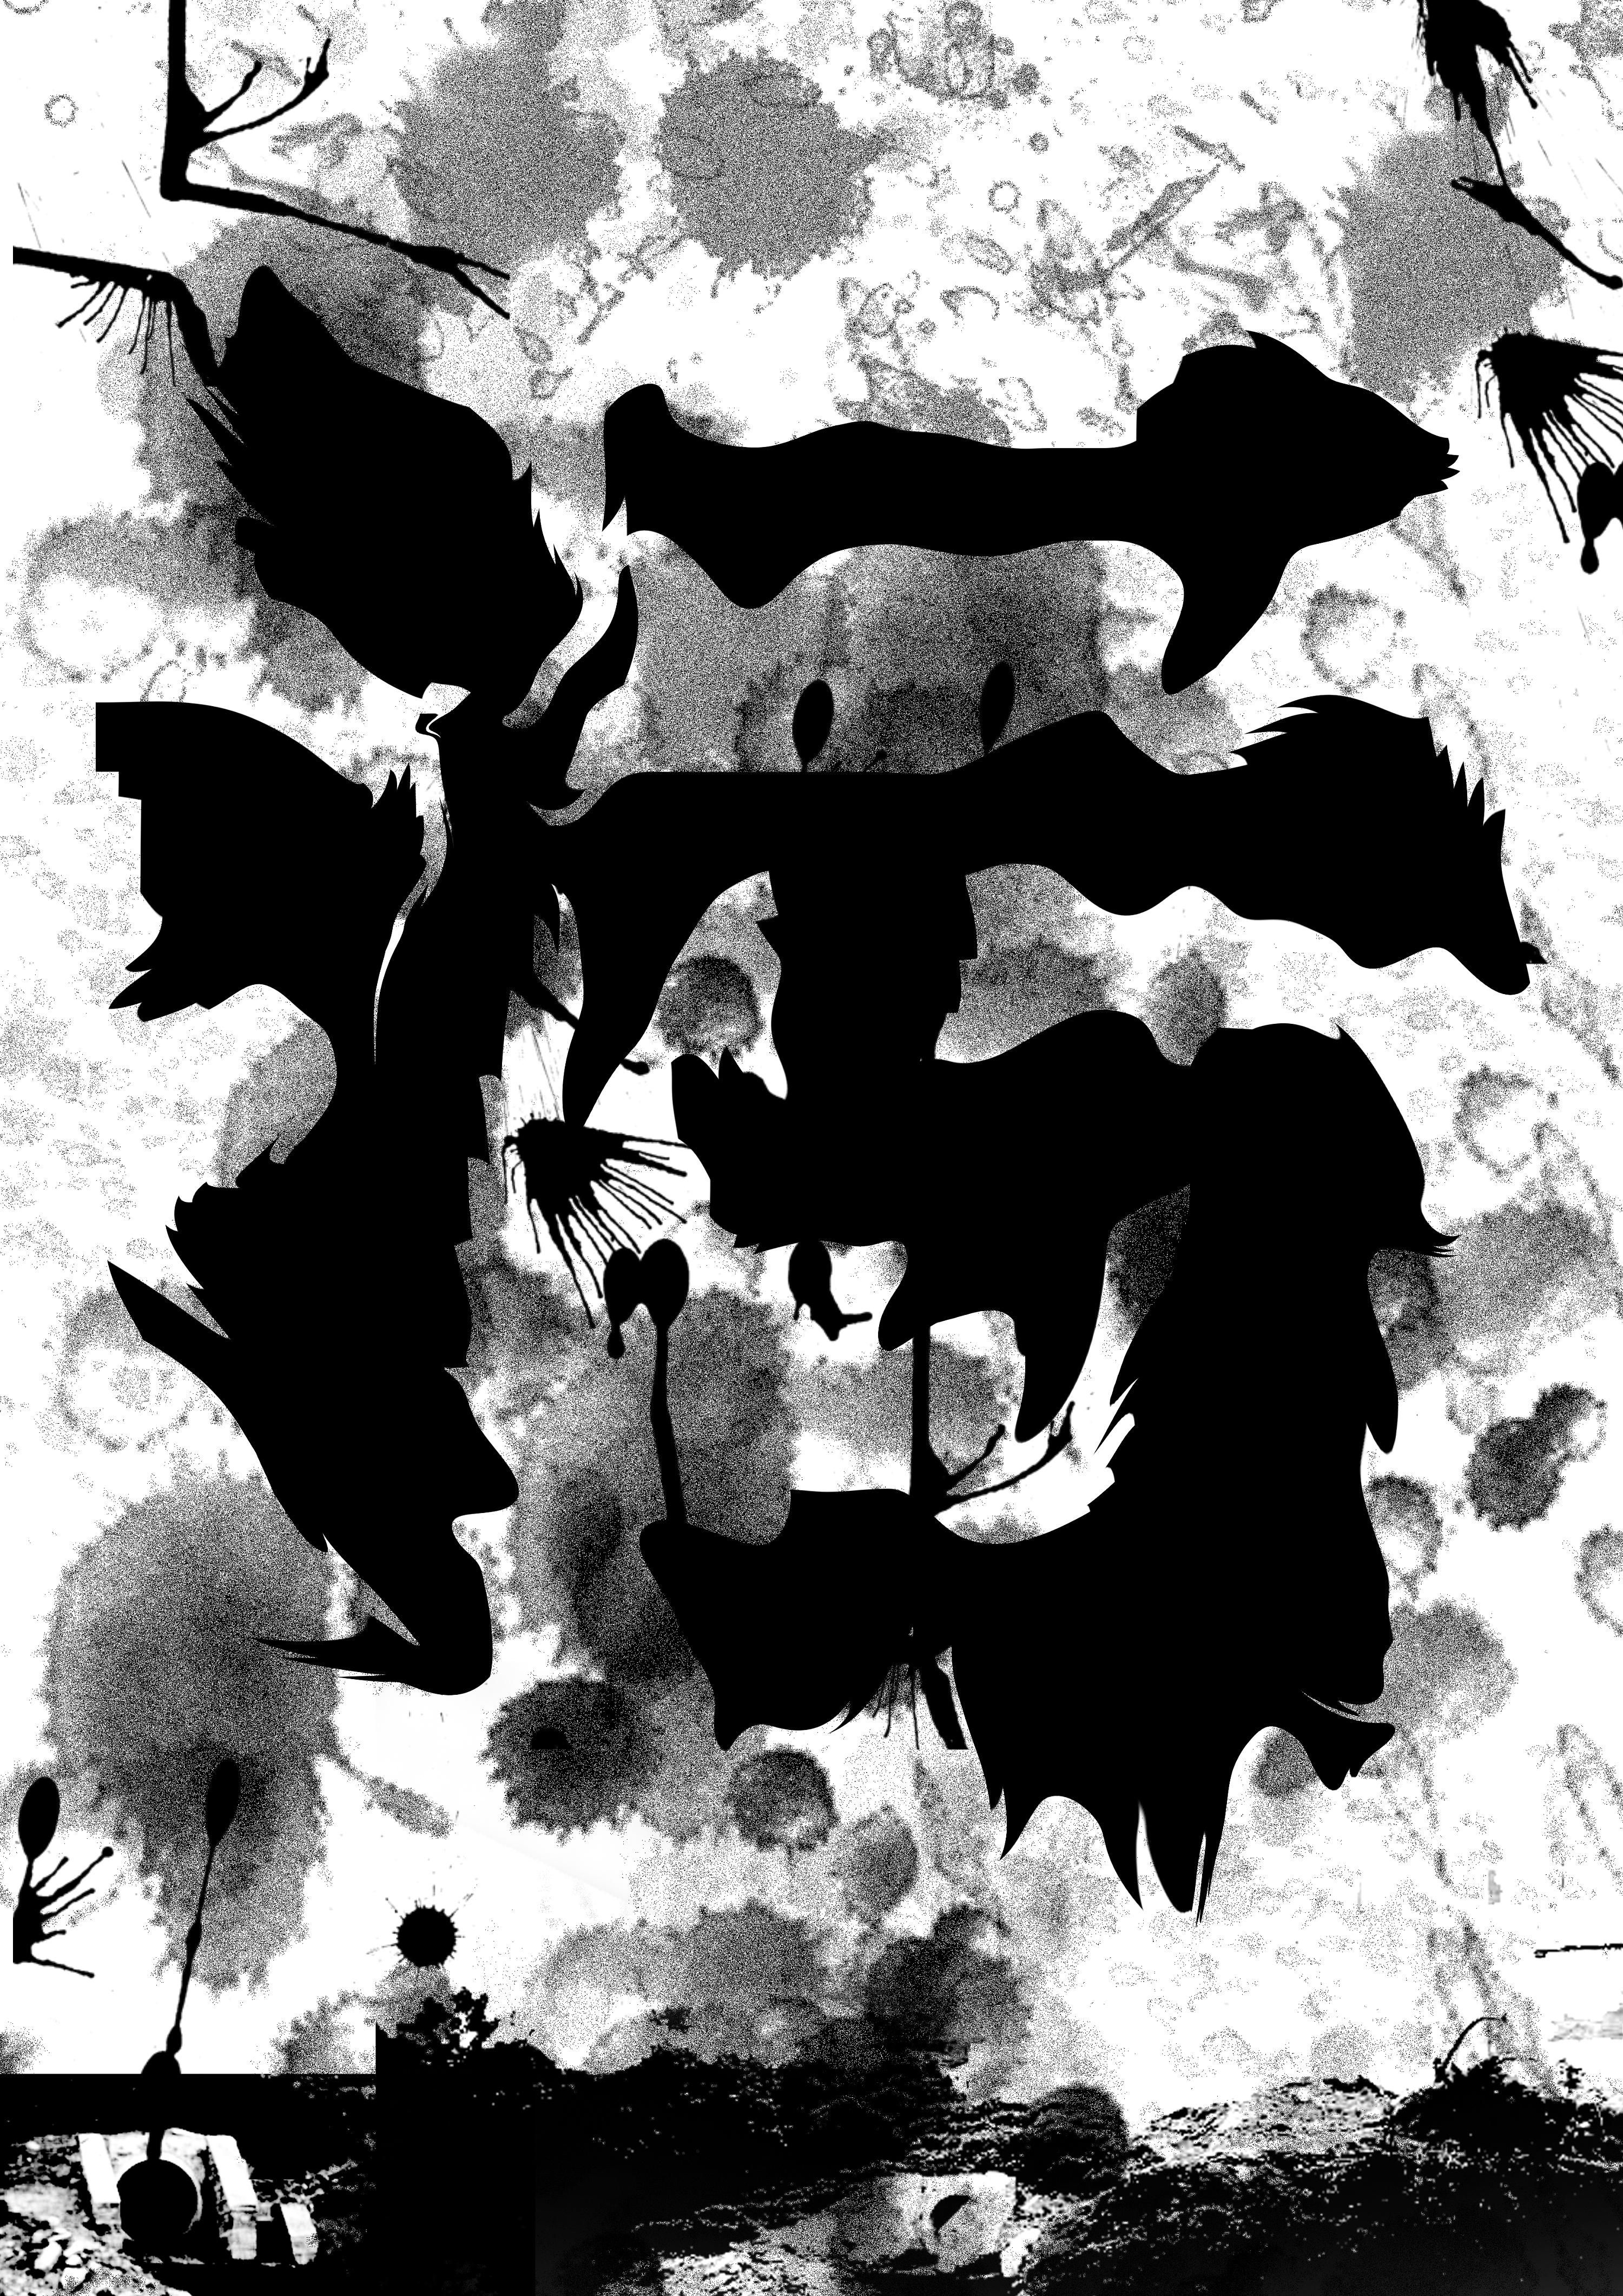 qq飞信2013_《废、污、排》环保类 海报招贴|平面|宣传品|dupeng123 - 原创作品 ...